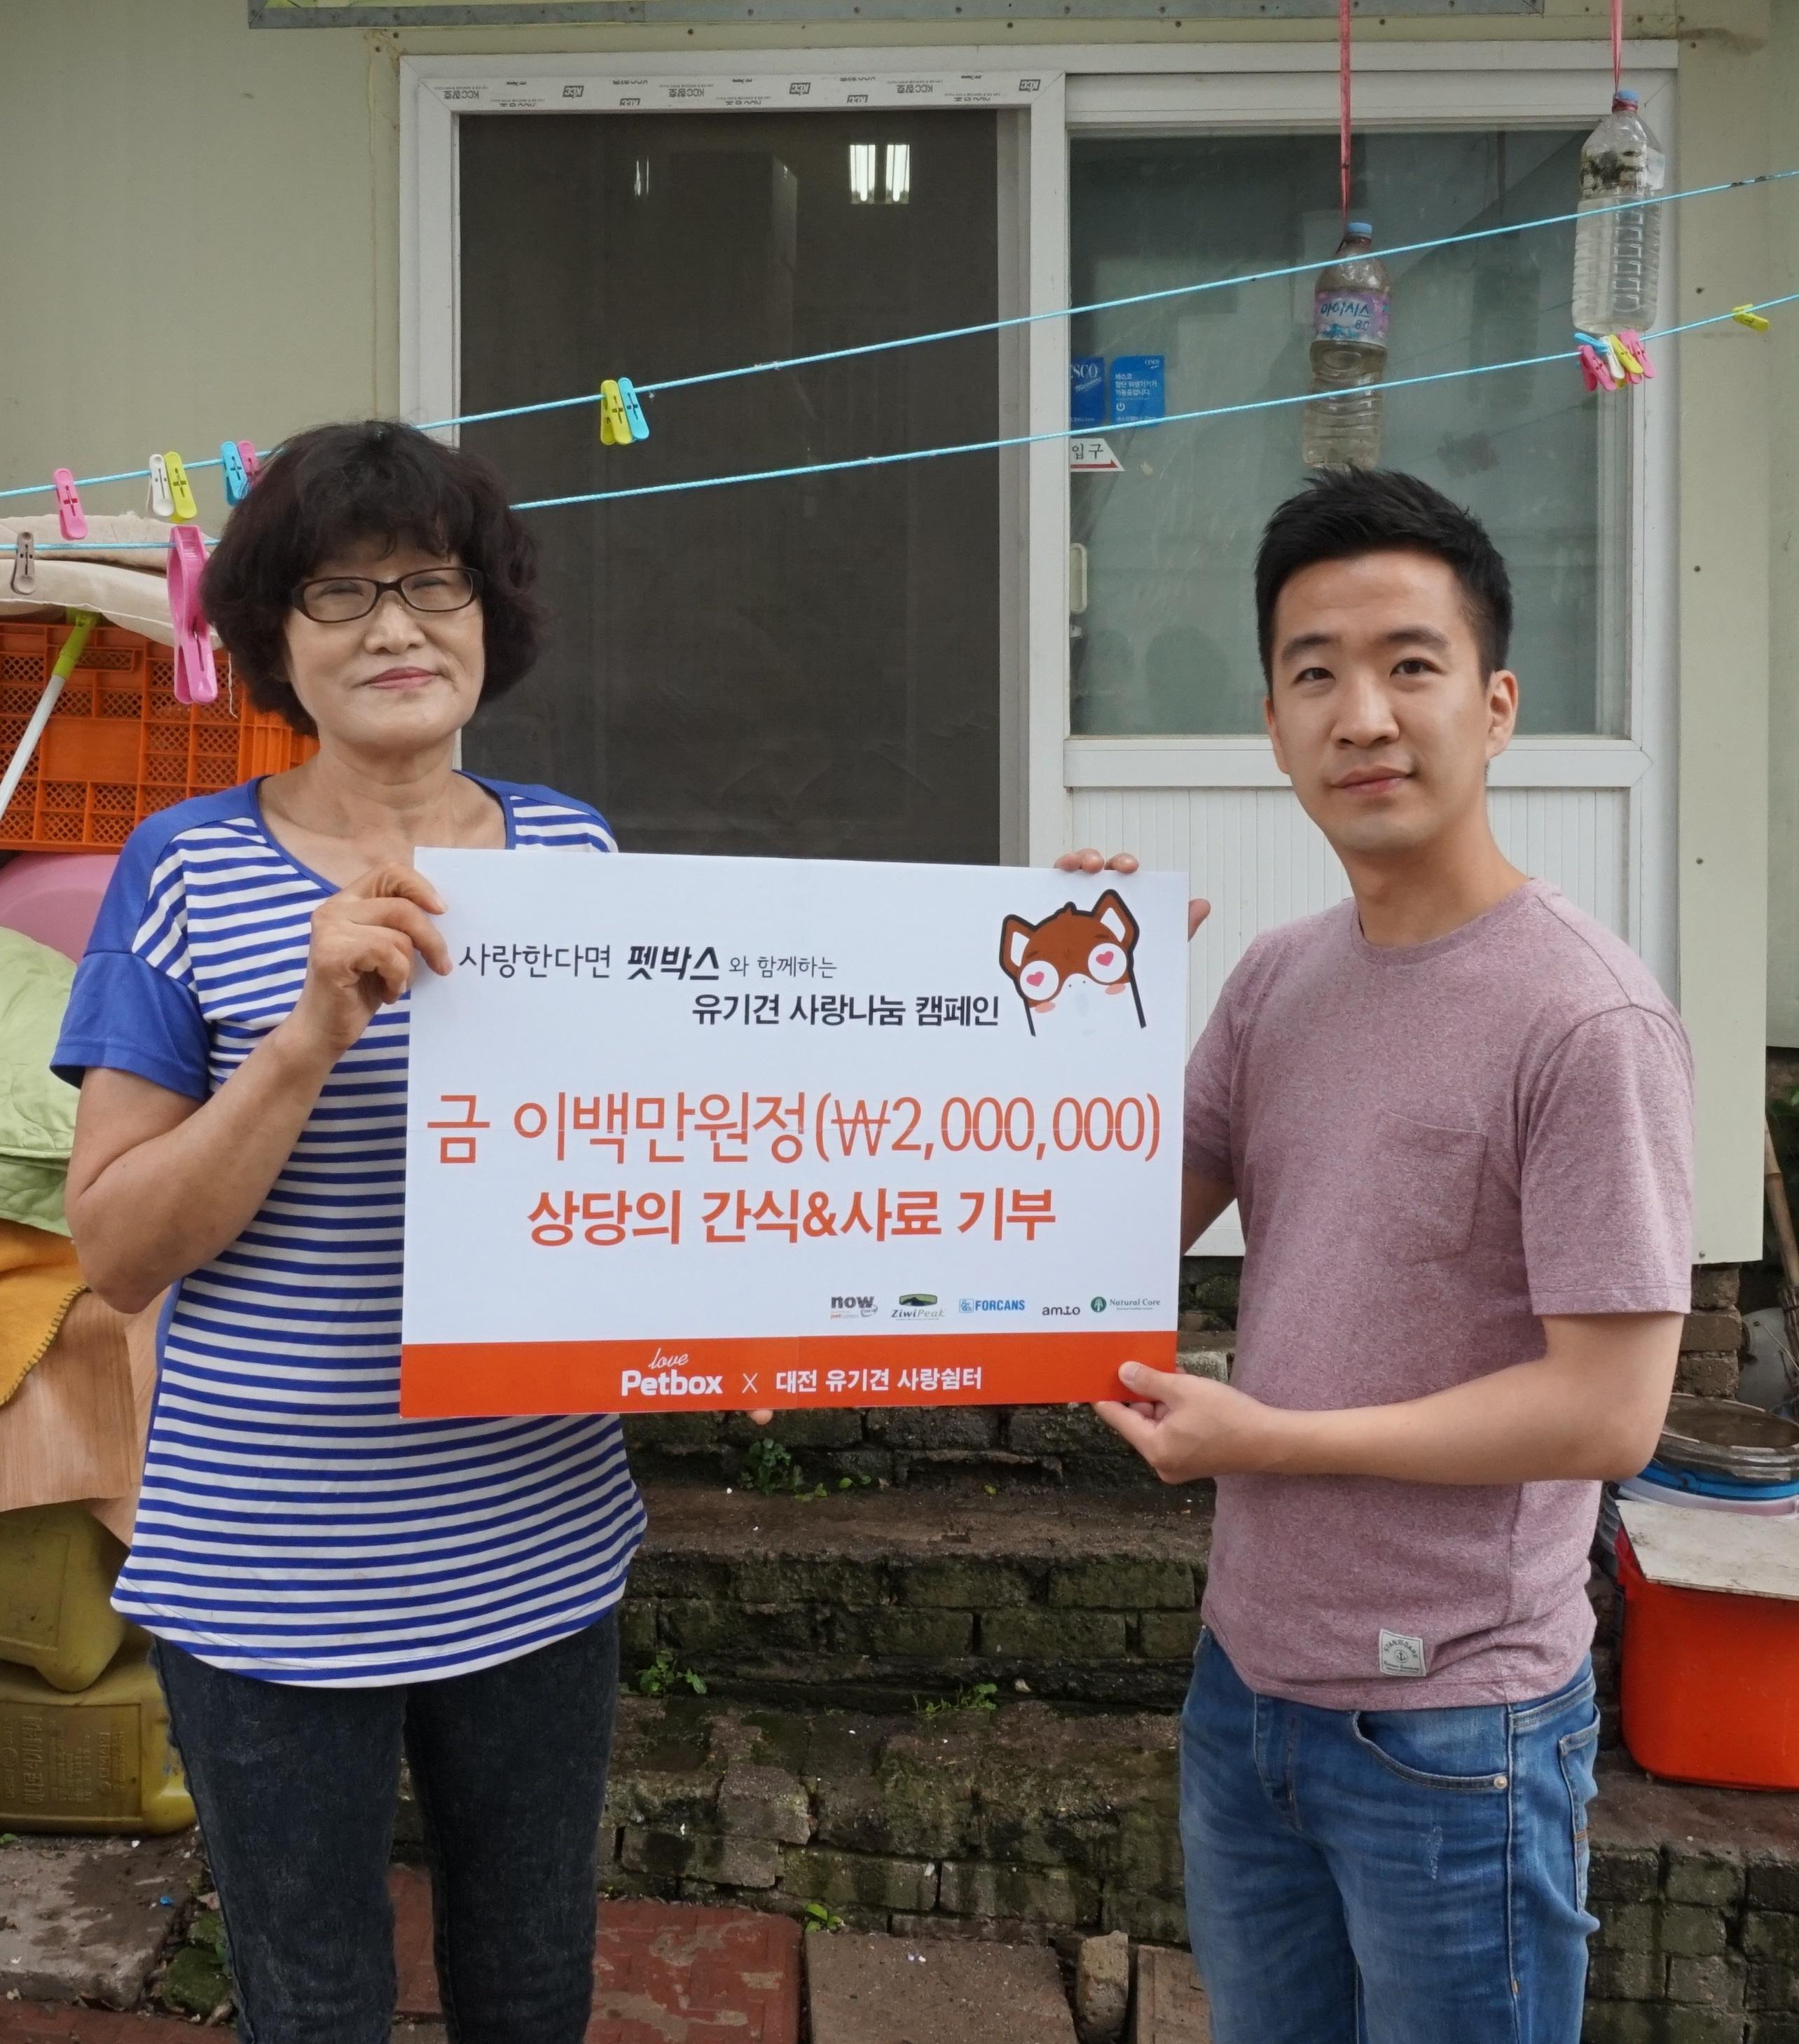 펫박스, 유기견 사랑 나눔 캠페인 실시